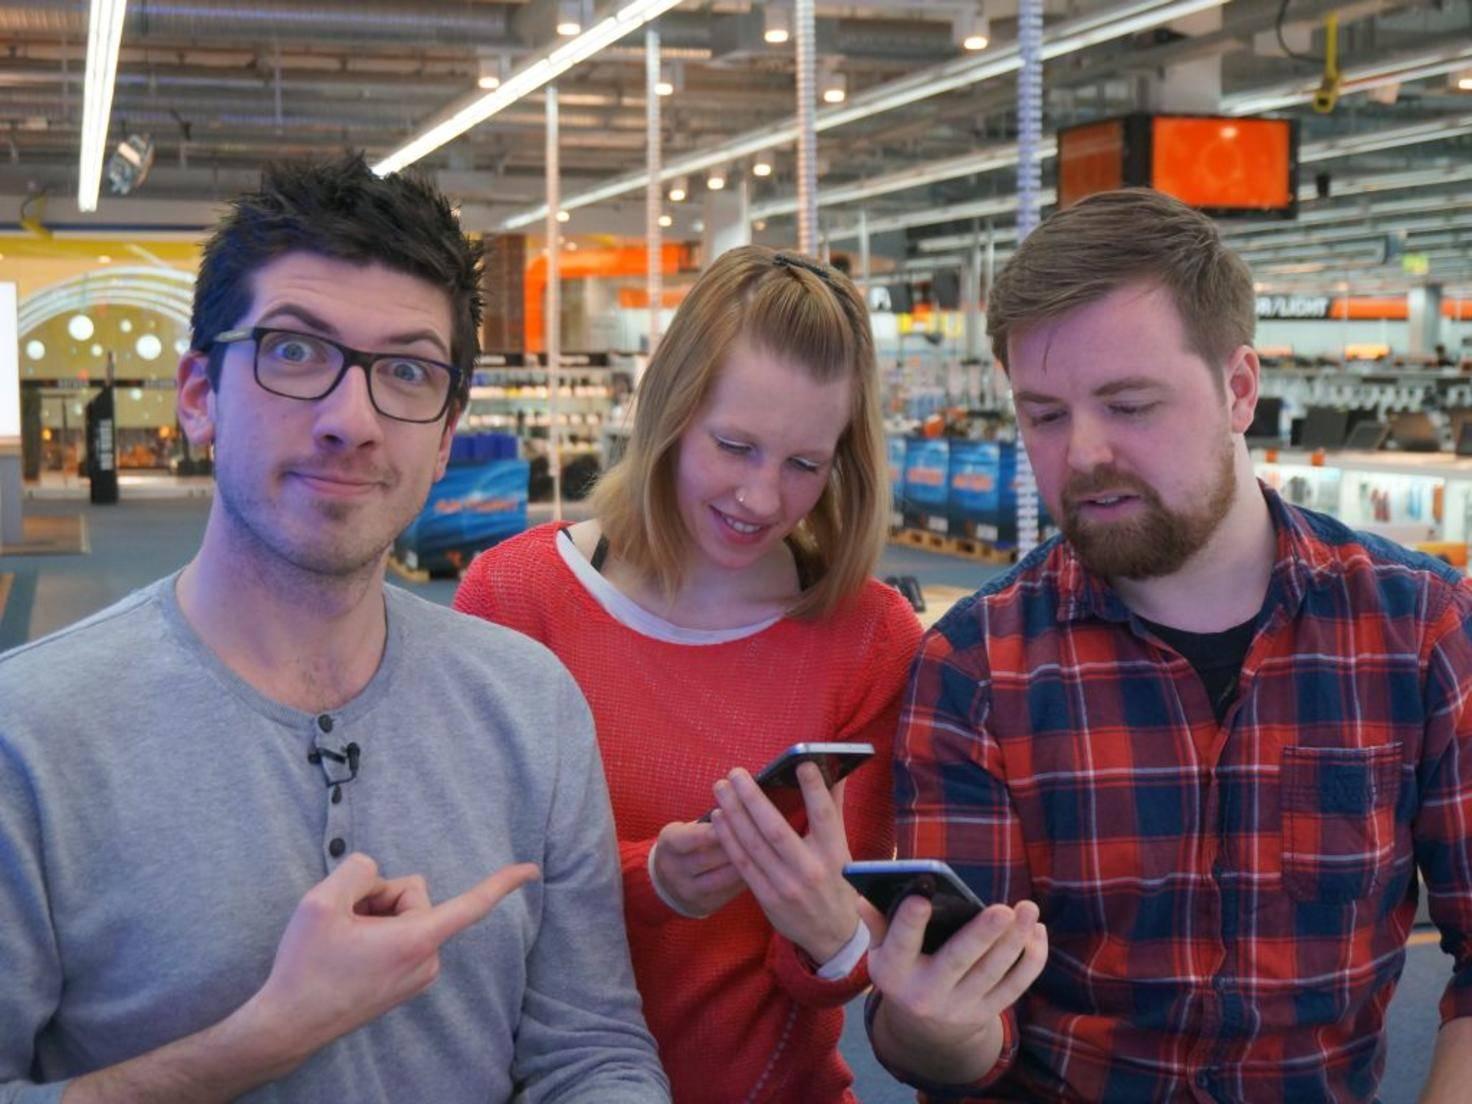 NICHT VERWENDEN VOR 21. FEBRUAR! Alex Jens Franzi Samsung Galaxy S7 3